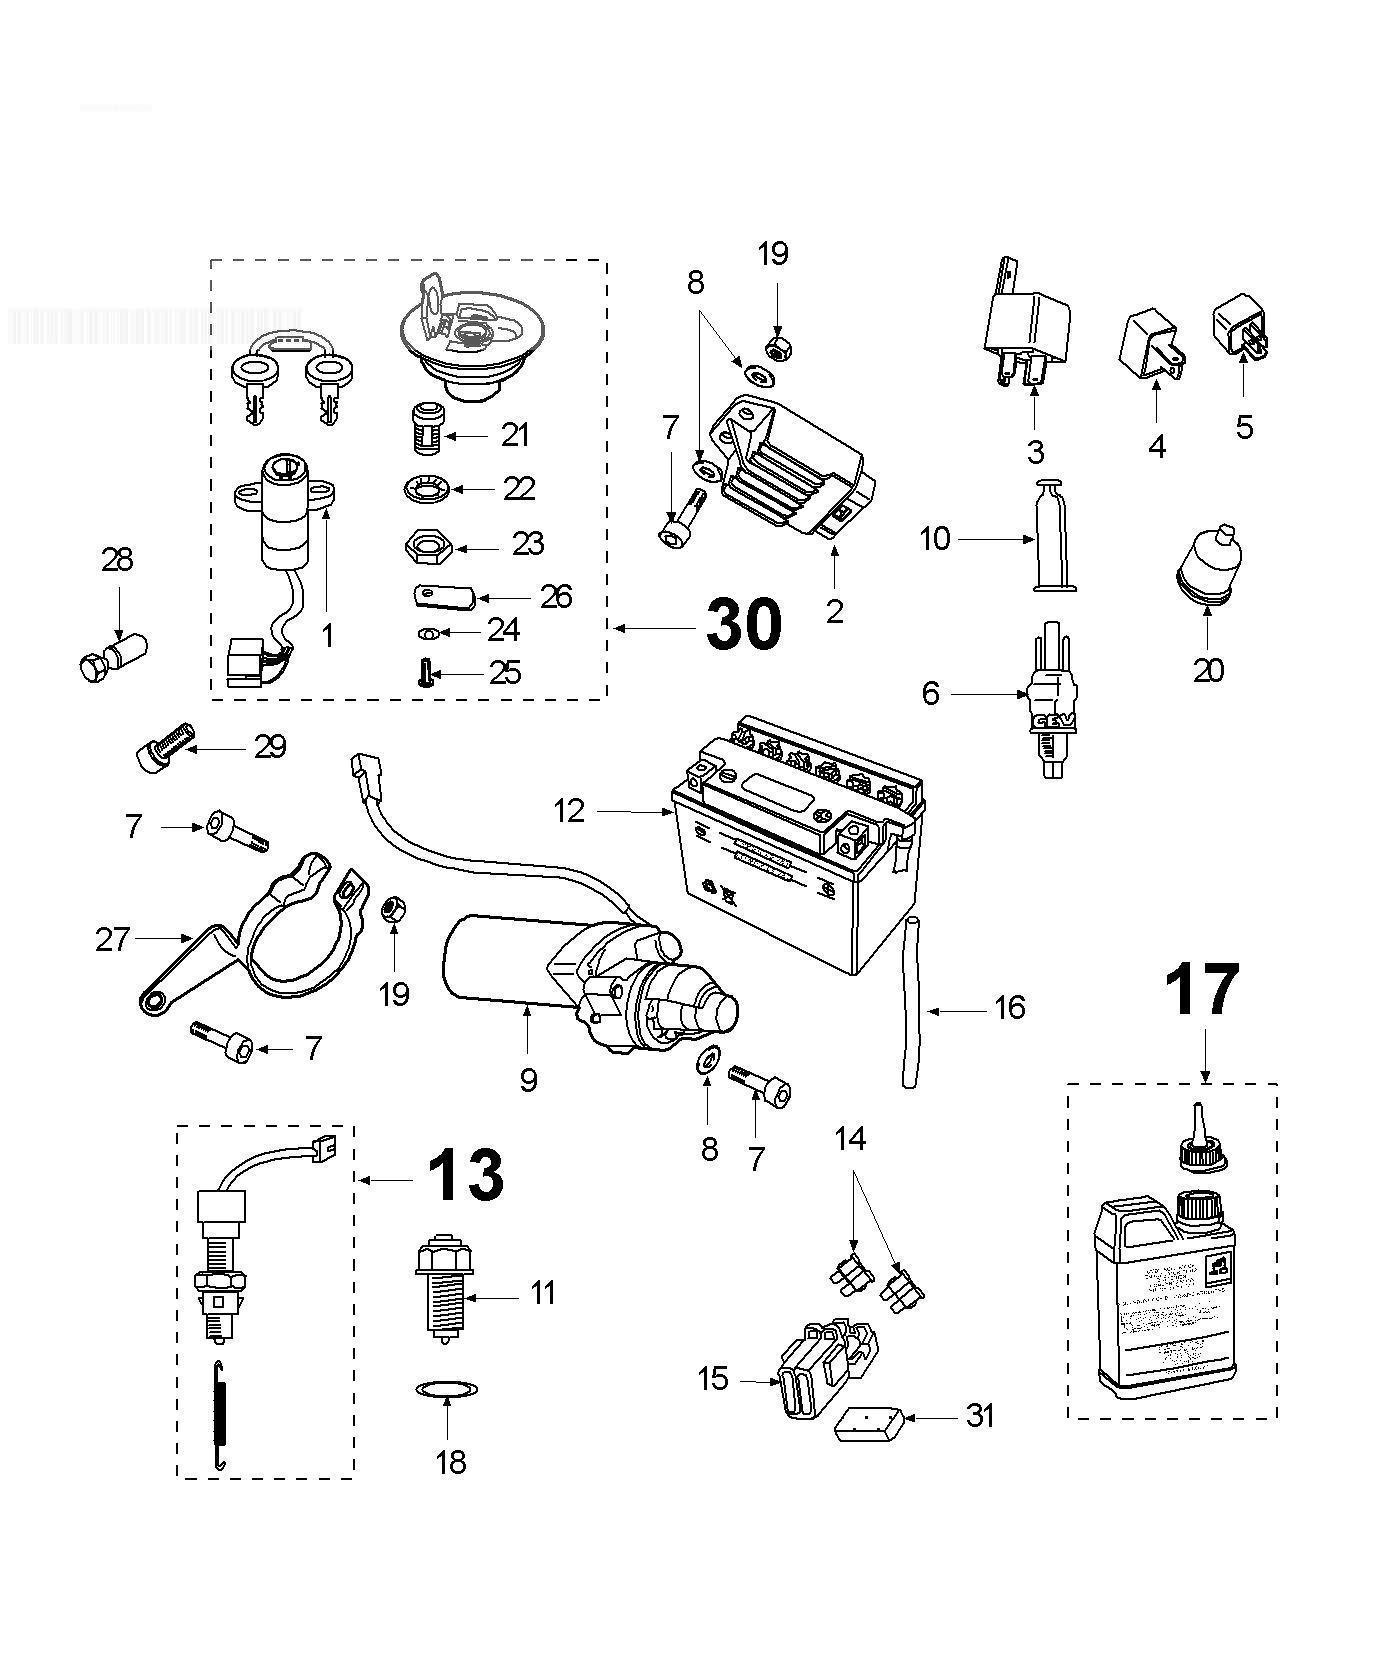 Peugeot Xr6 Electric Equipment